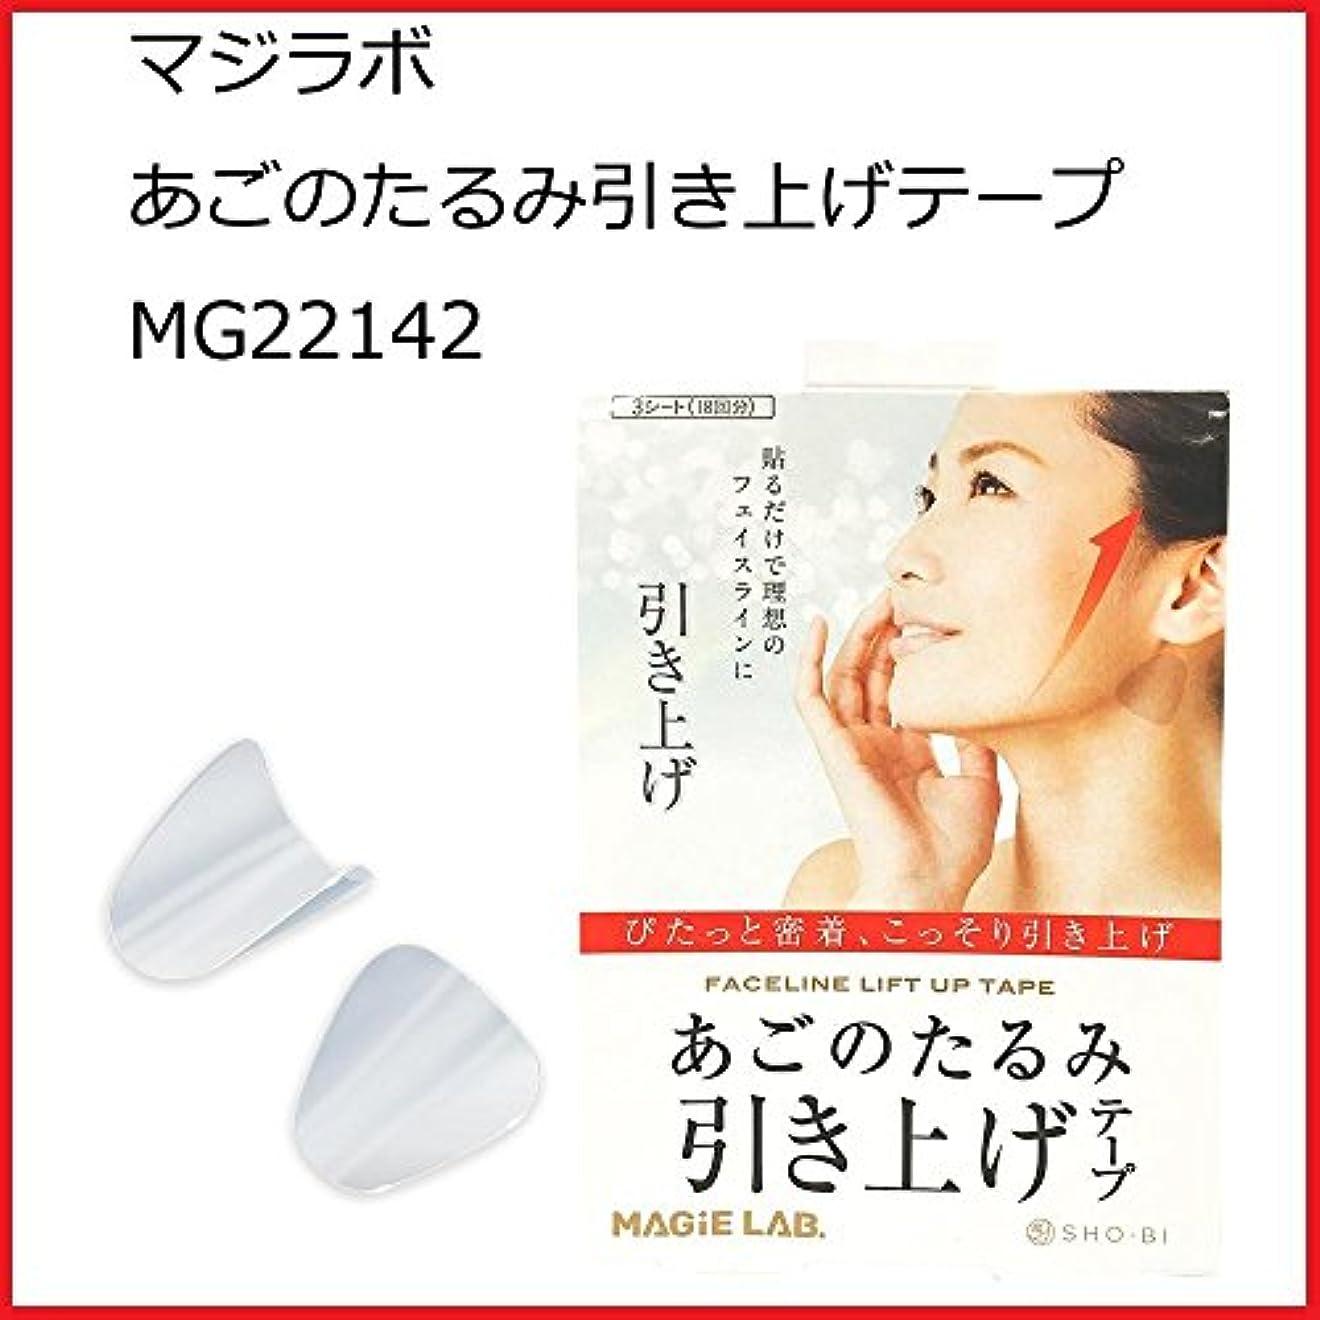 君主病気矩形マジラボ あごのたるみ引き上げテープ MG22142